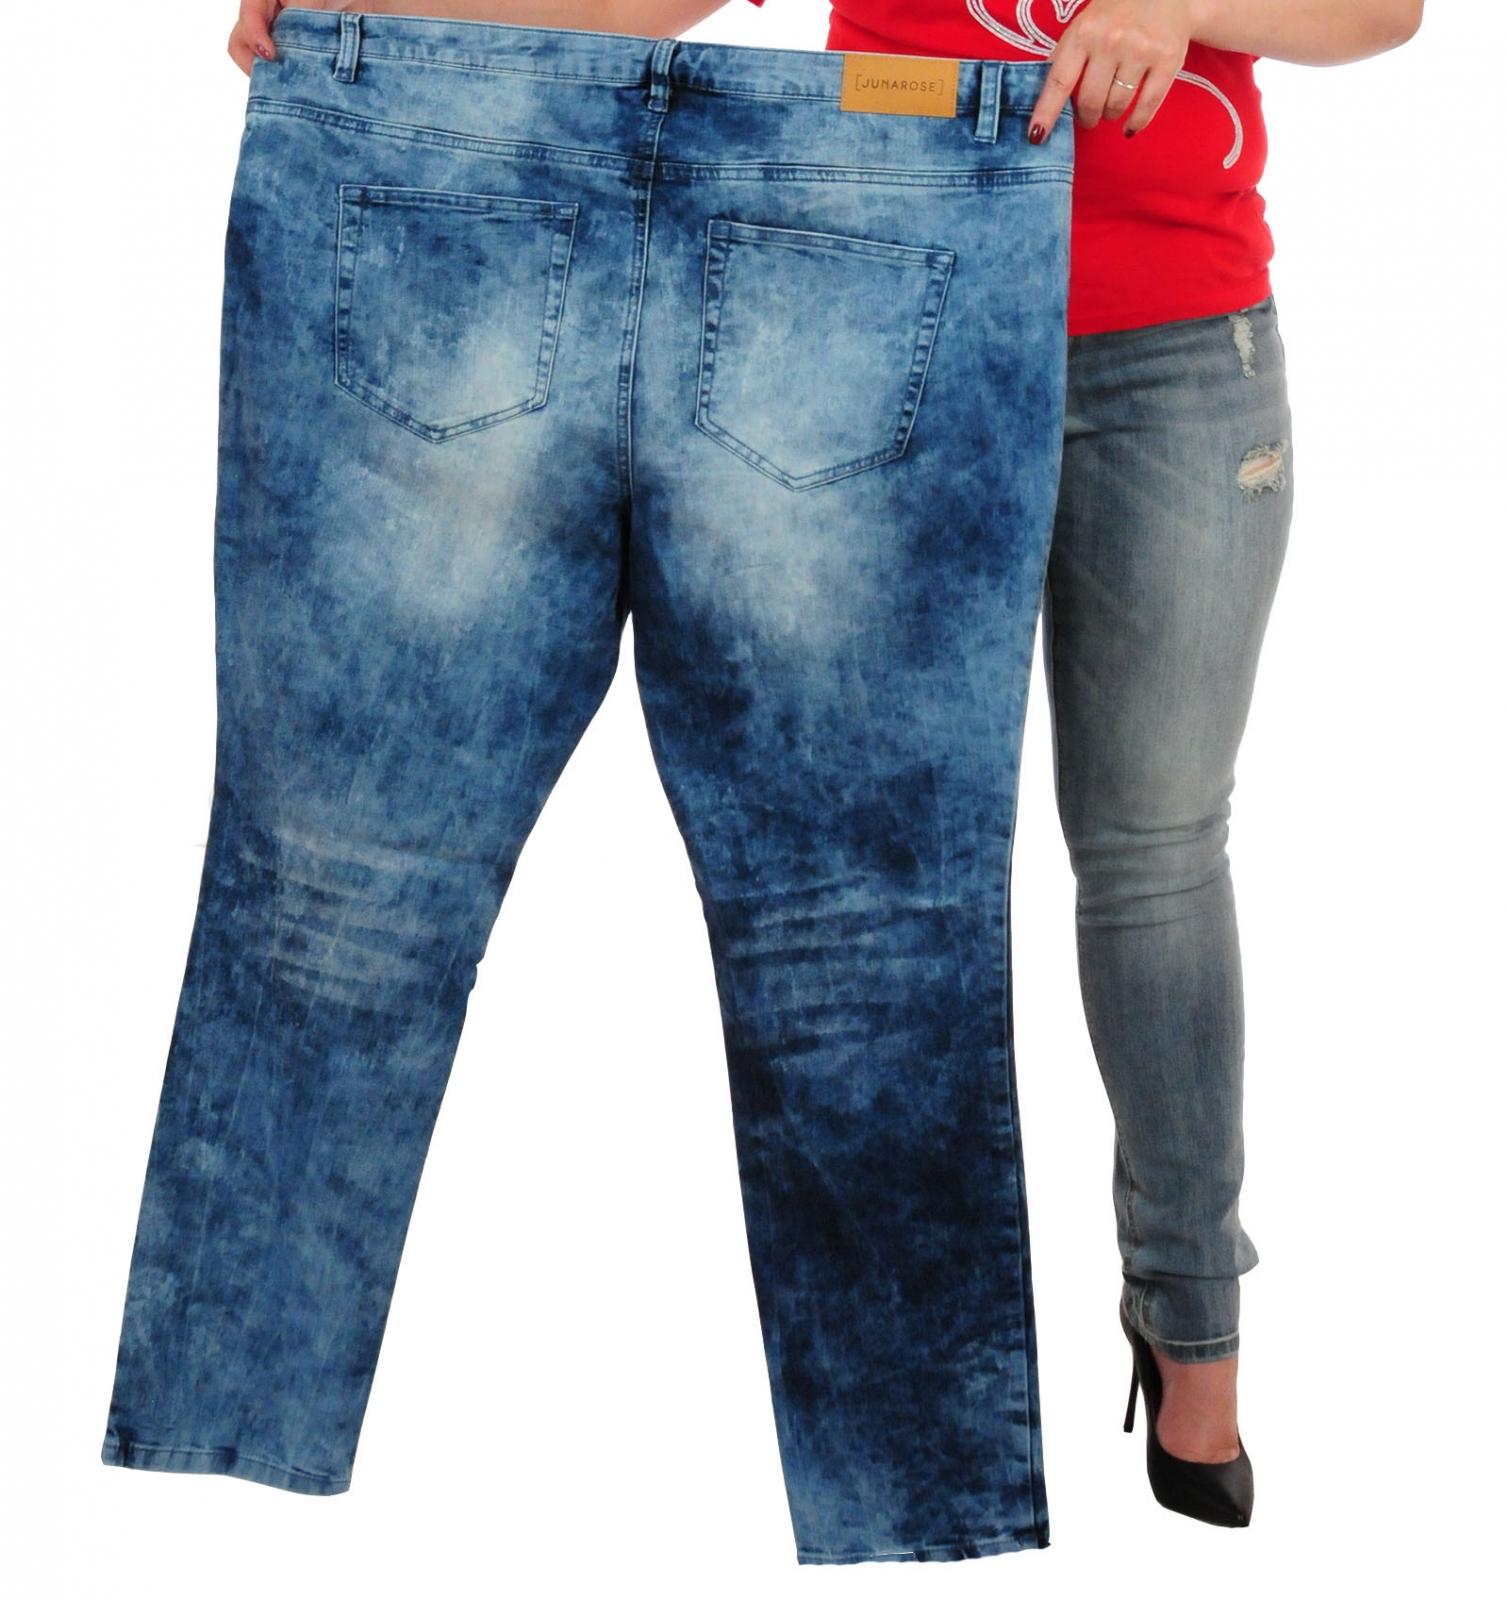 Недорогие женские джинсы больших размеров МЕГАБАТАЛЫ